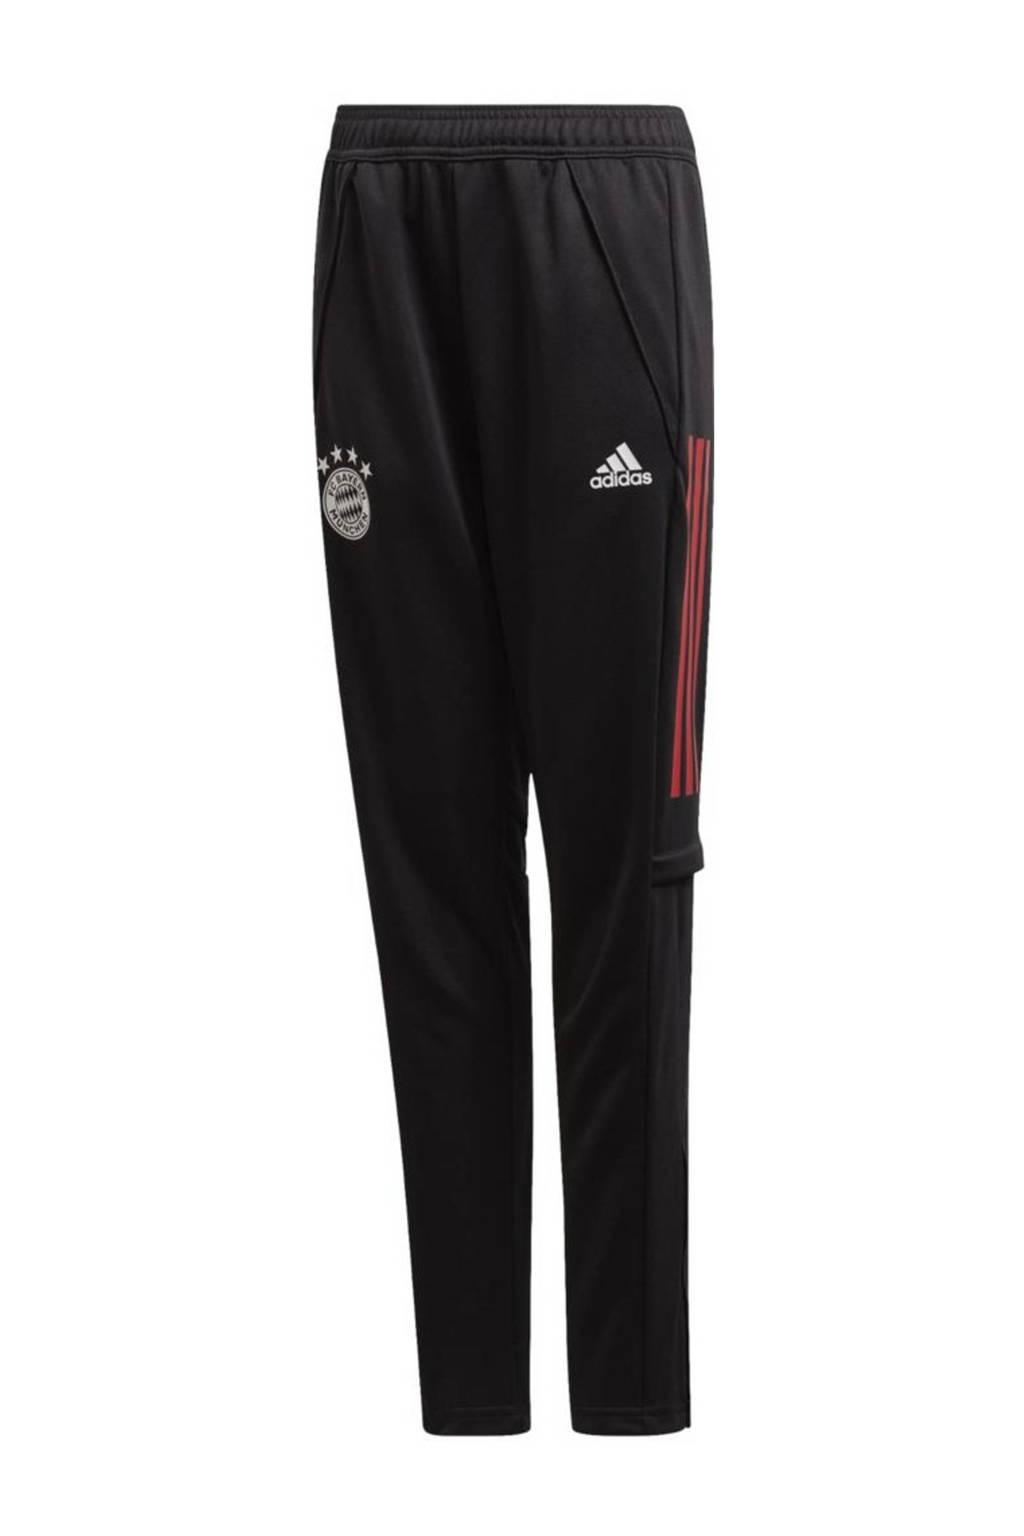 adidas Performance Junior FC Bayern München voetbalbroek Training, Zwart